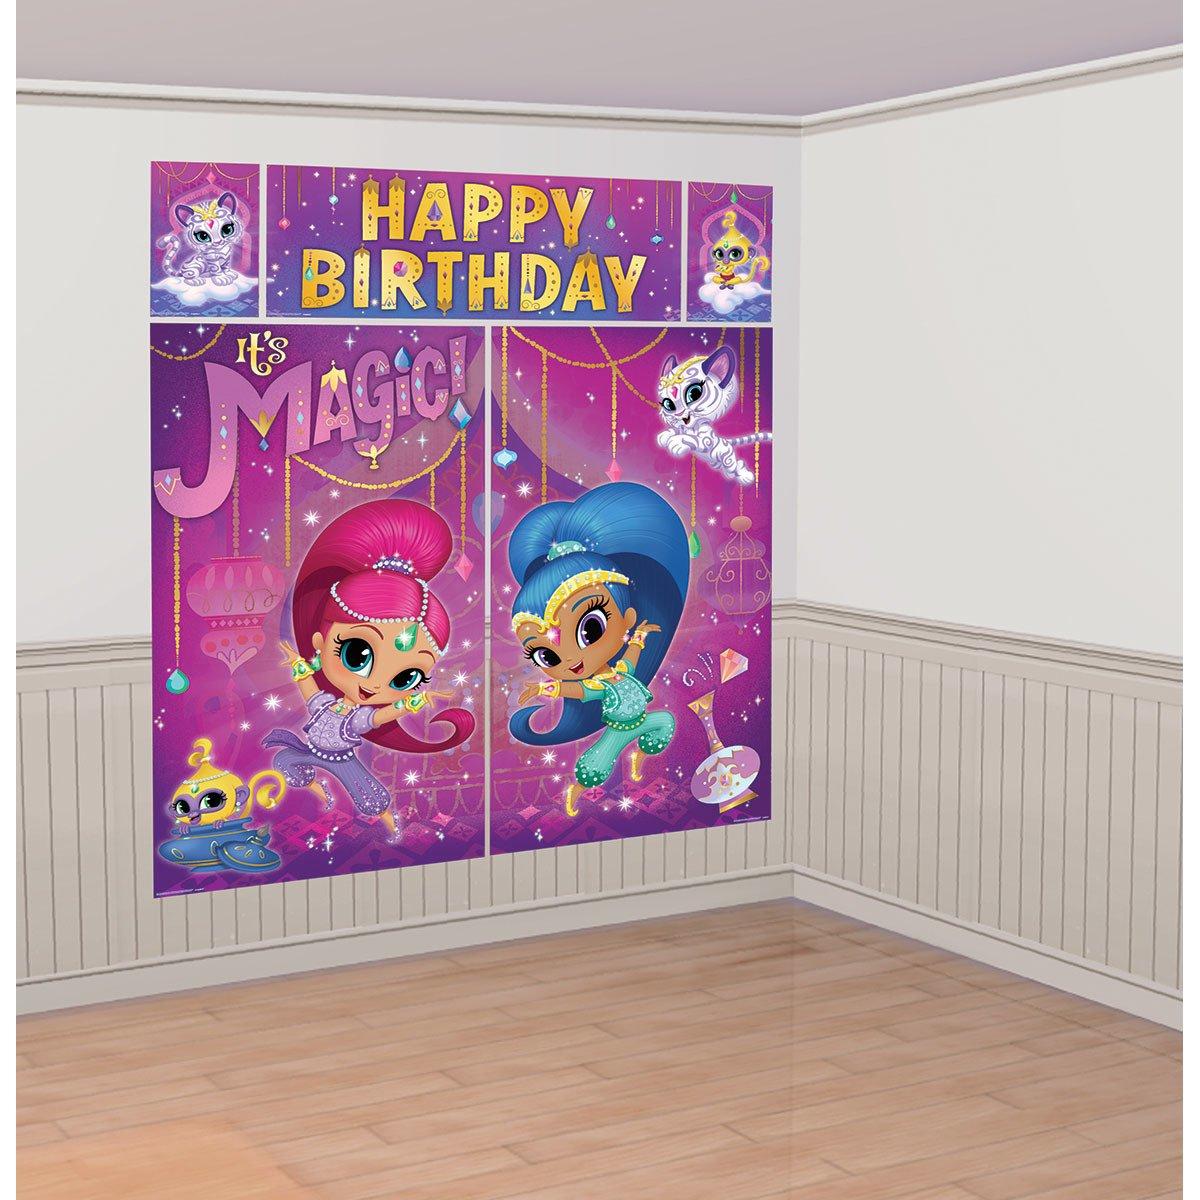 Amscan International 670575Decorazione da parete, motivo: Shimmer and Shine 670575-99